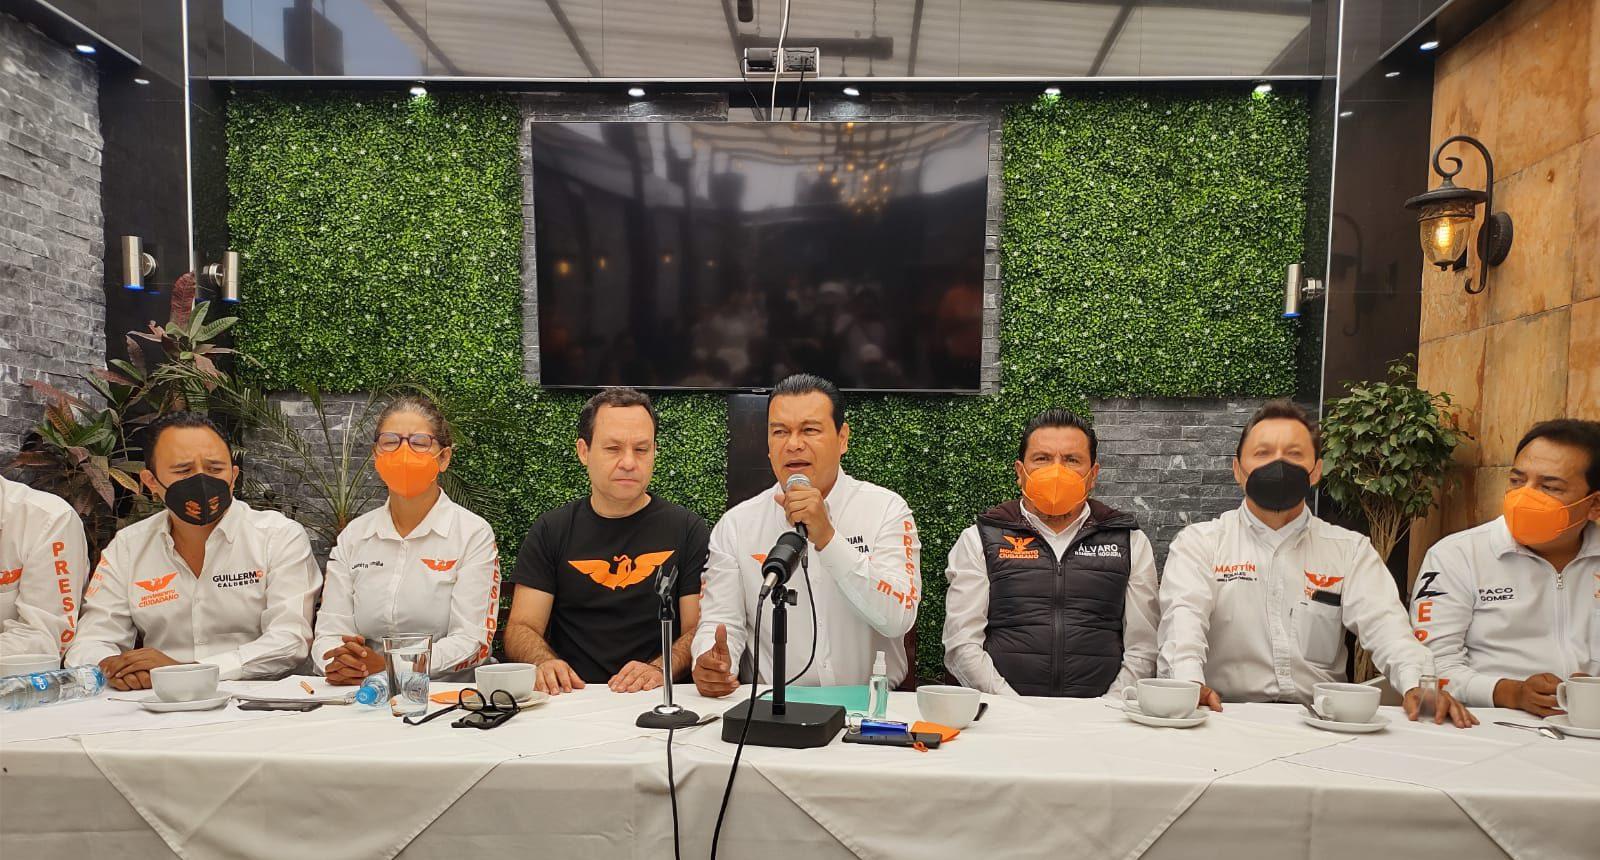 El candidato a la presidencia municipal, Juan Zepeda, acompañado por integrantes de su partido